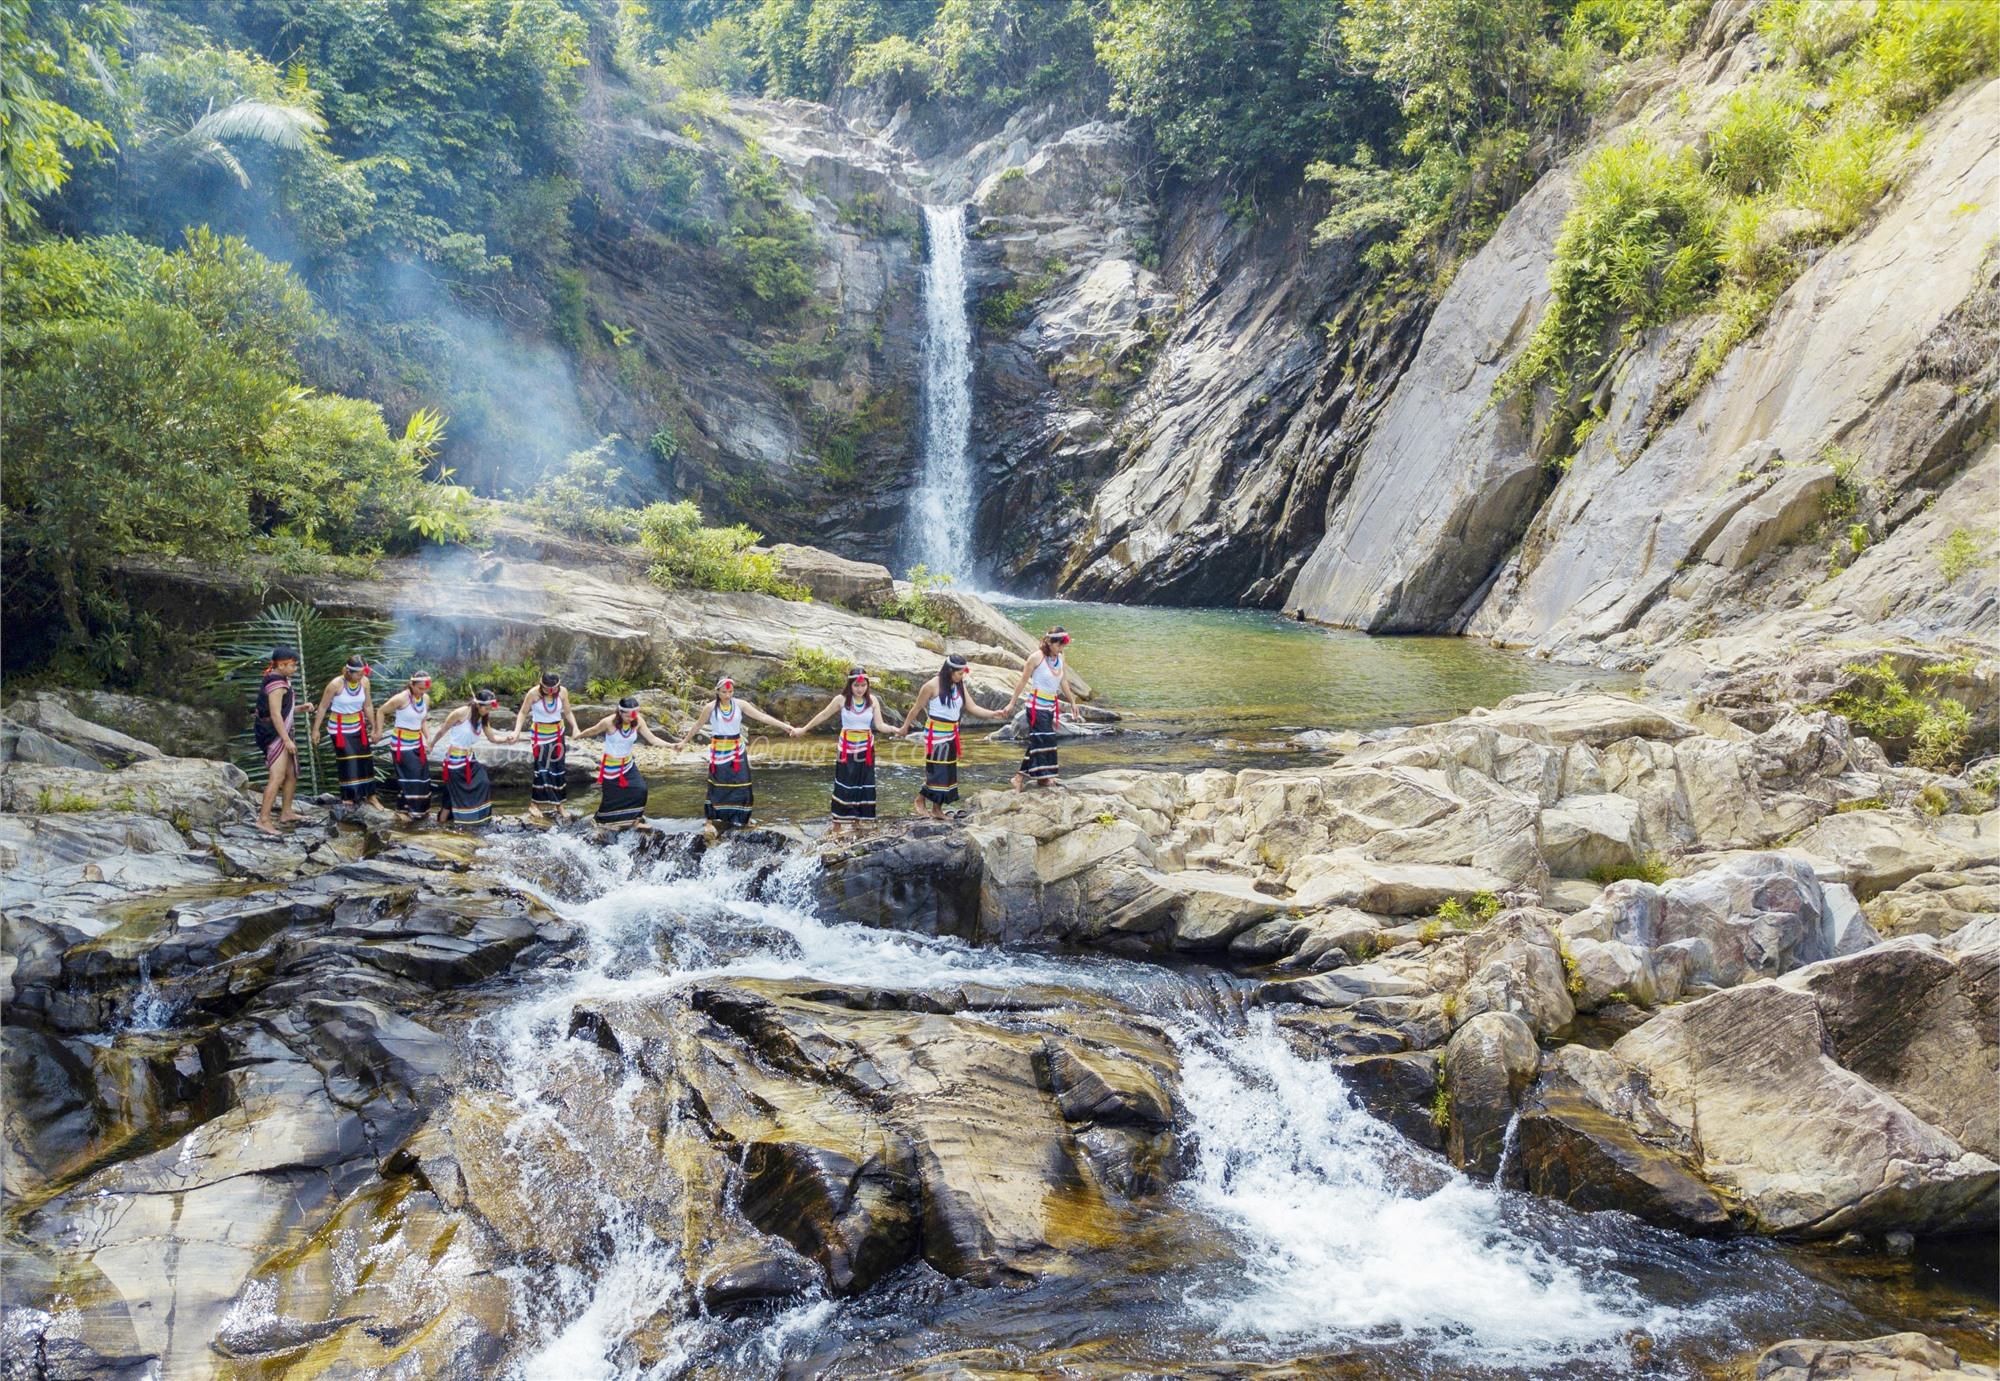 Hố Nước Ví tại núi Răng cưa xã Trà Kót (Bắc Trà My) giàu tiềm năng phát triển du lịch sinh thái. Ảnh: VĂN BÌNH